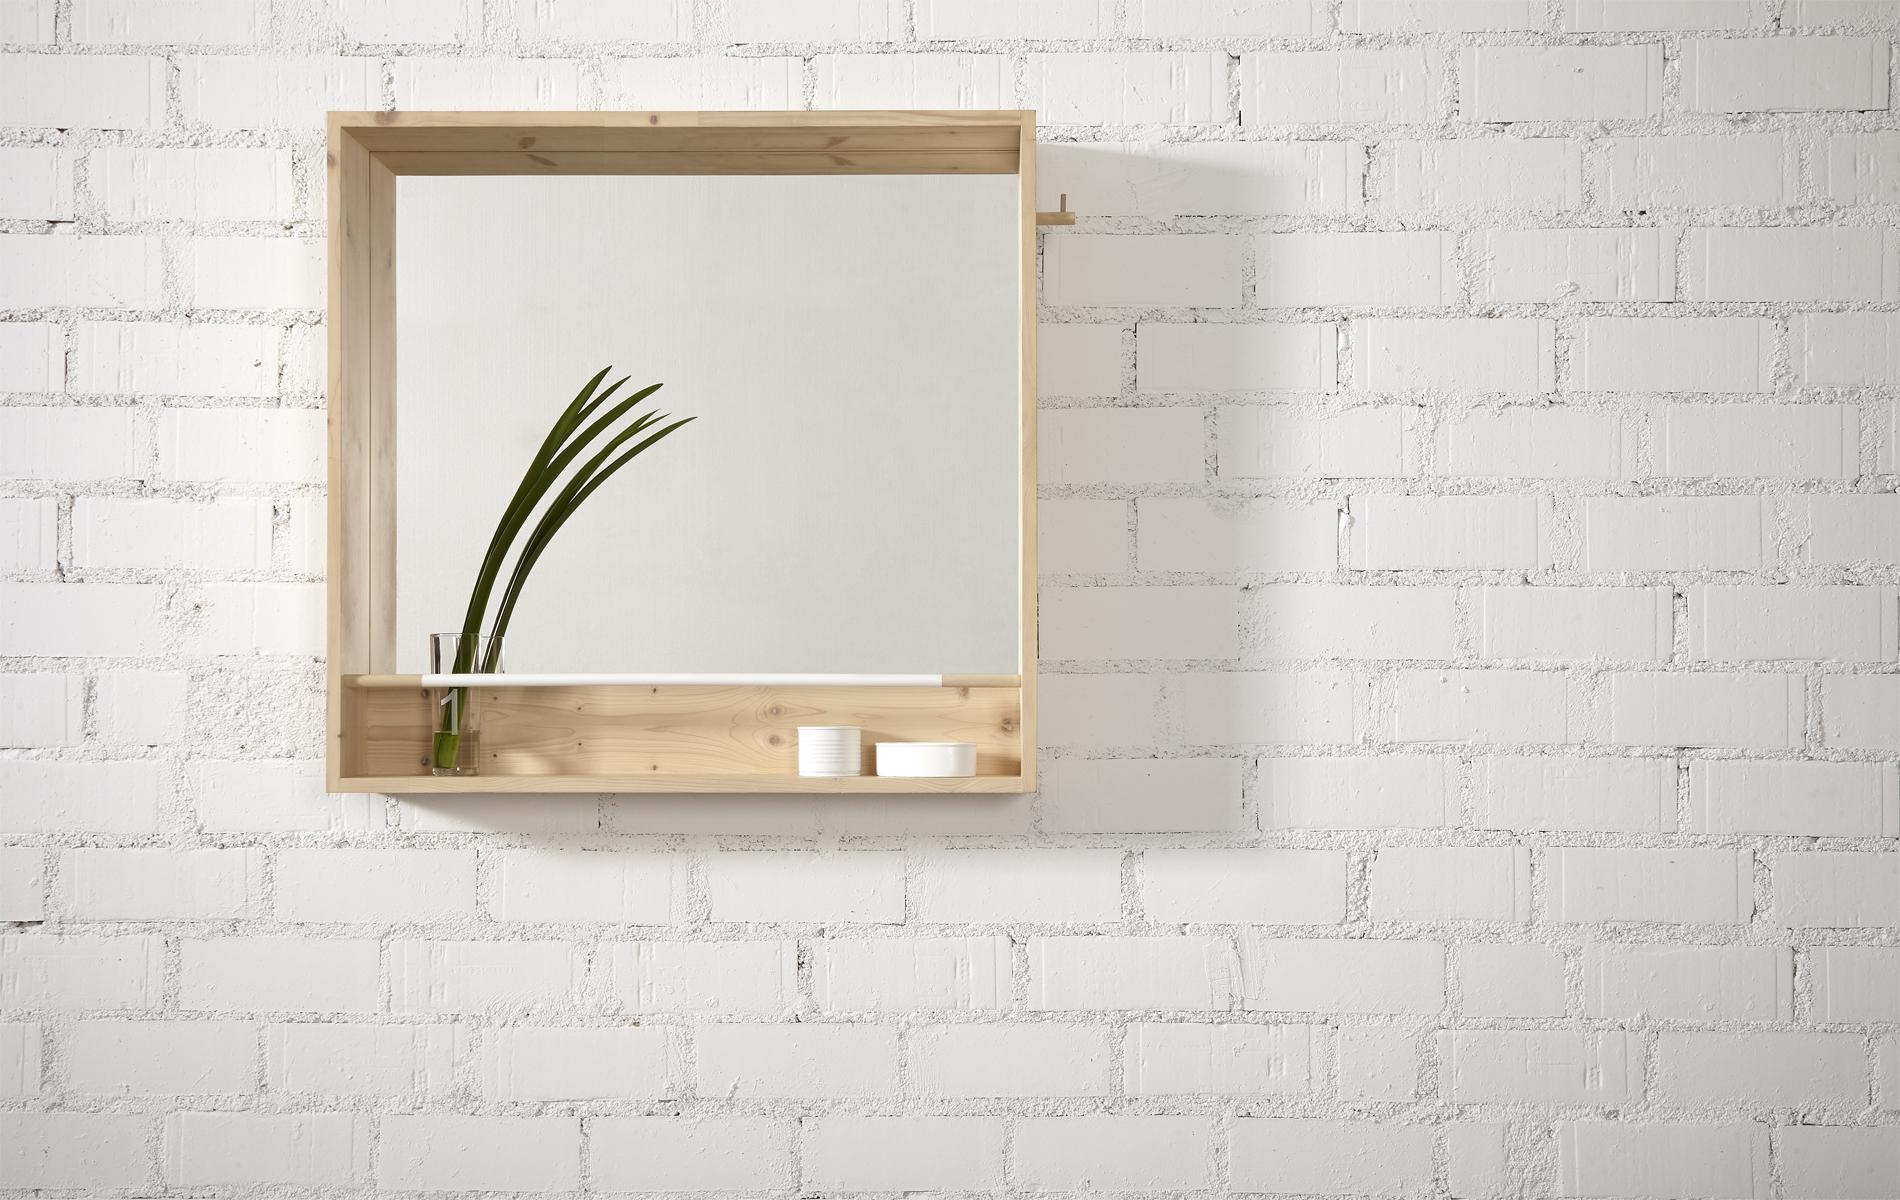 Espejo n rdico original para espacios peque os tienda on - Espejo nordico ...